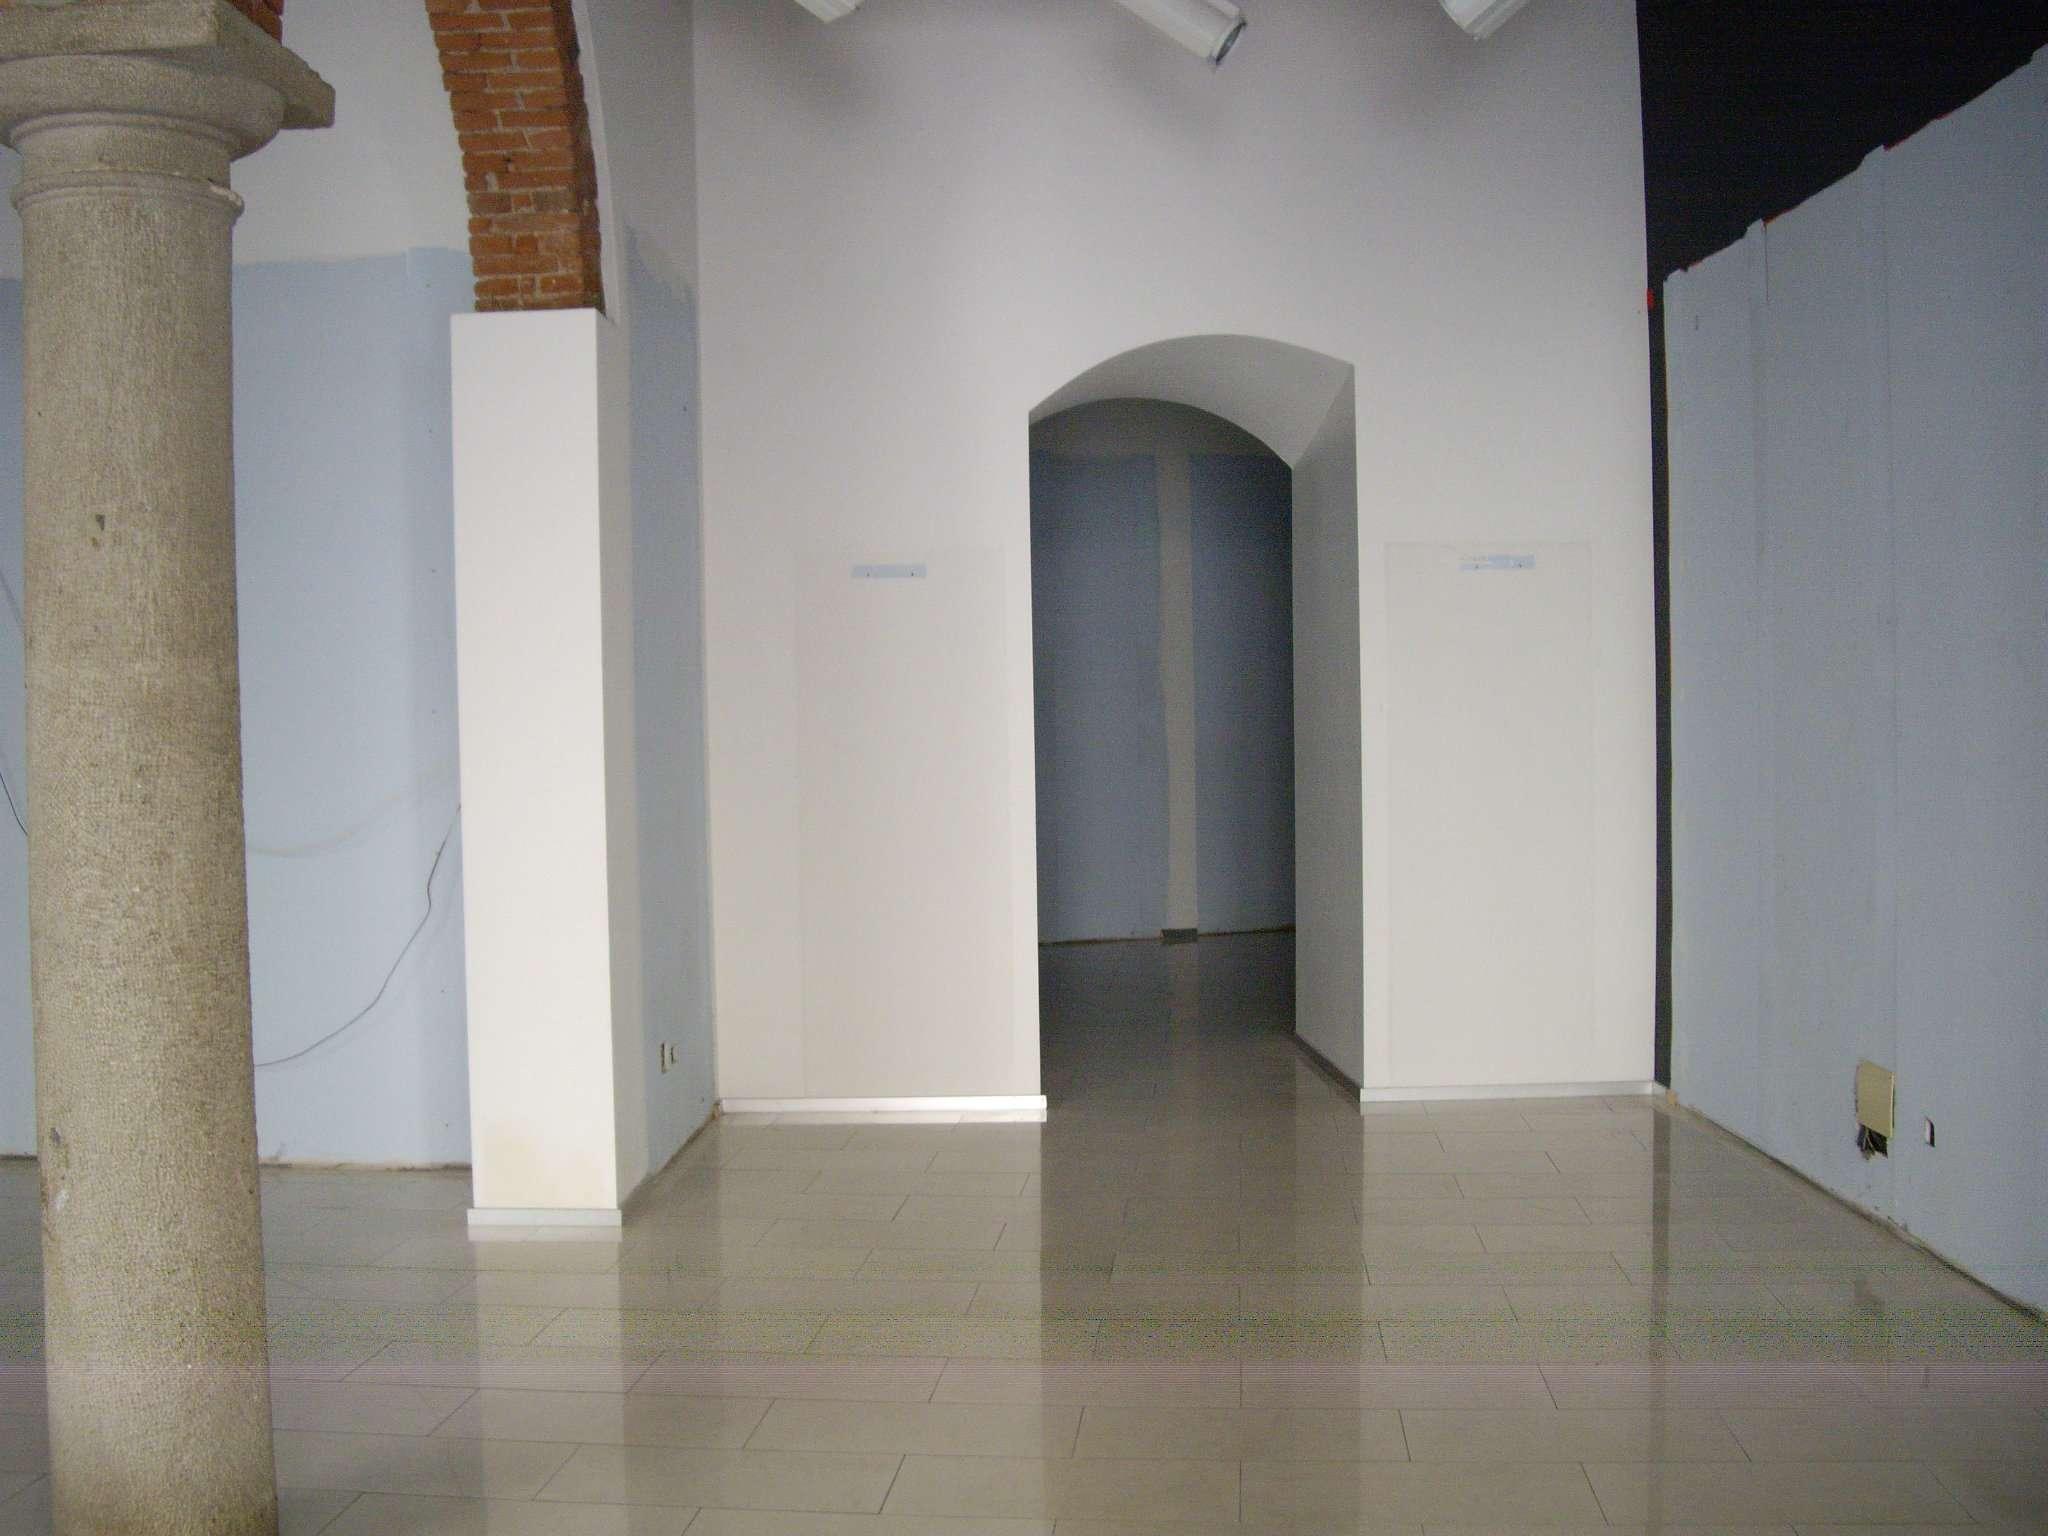 Negozio / Locale in affitto a Treviglio, 3 locali, prezzo € 2.000 | CambioCasa.it